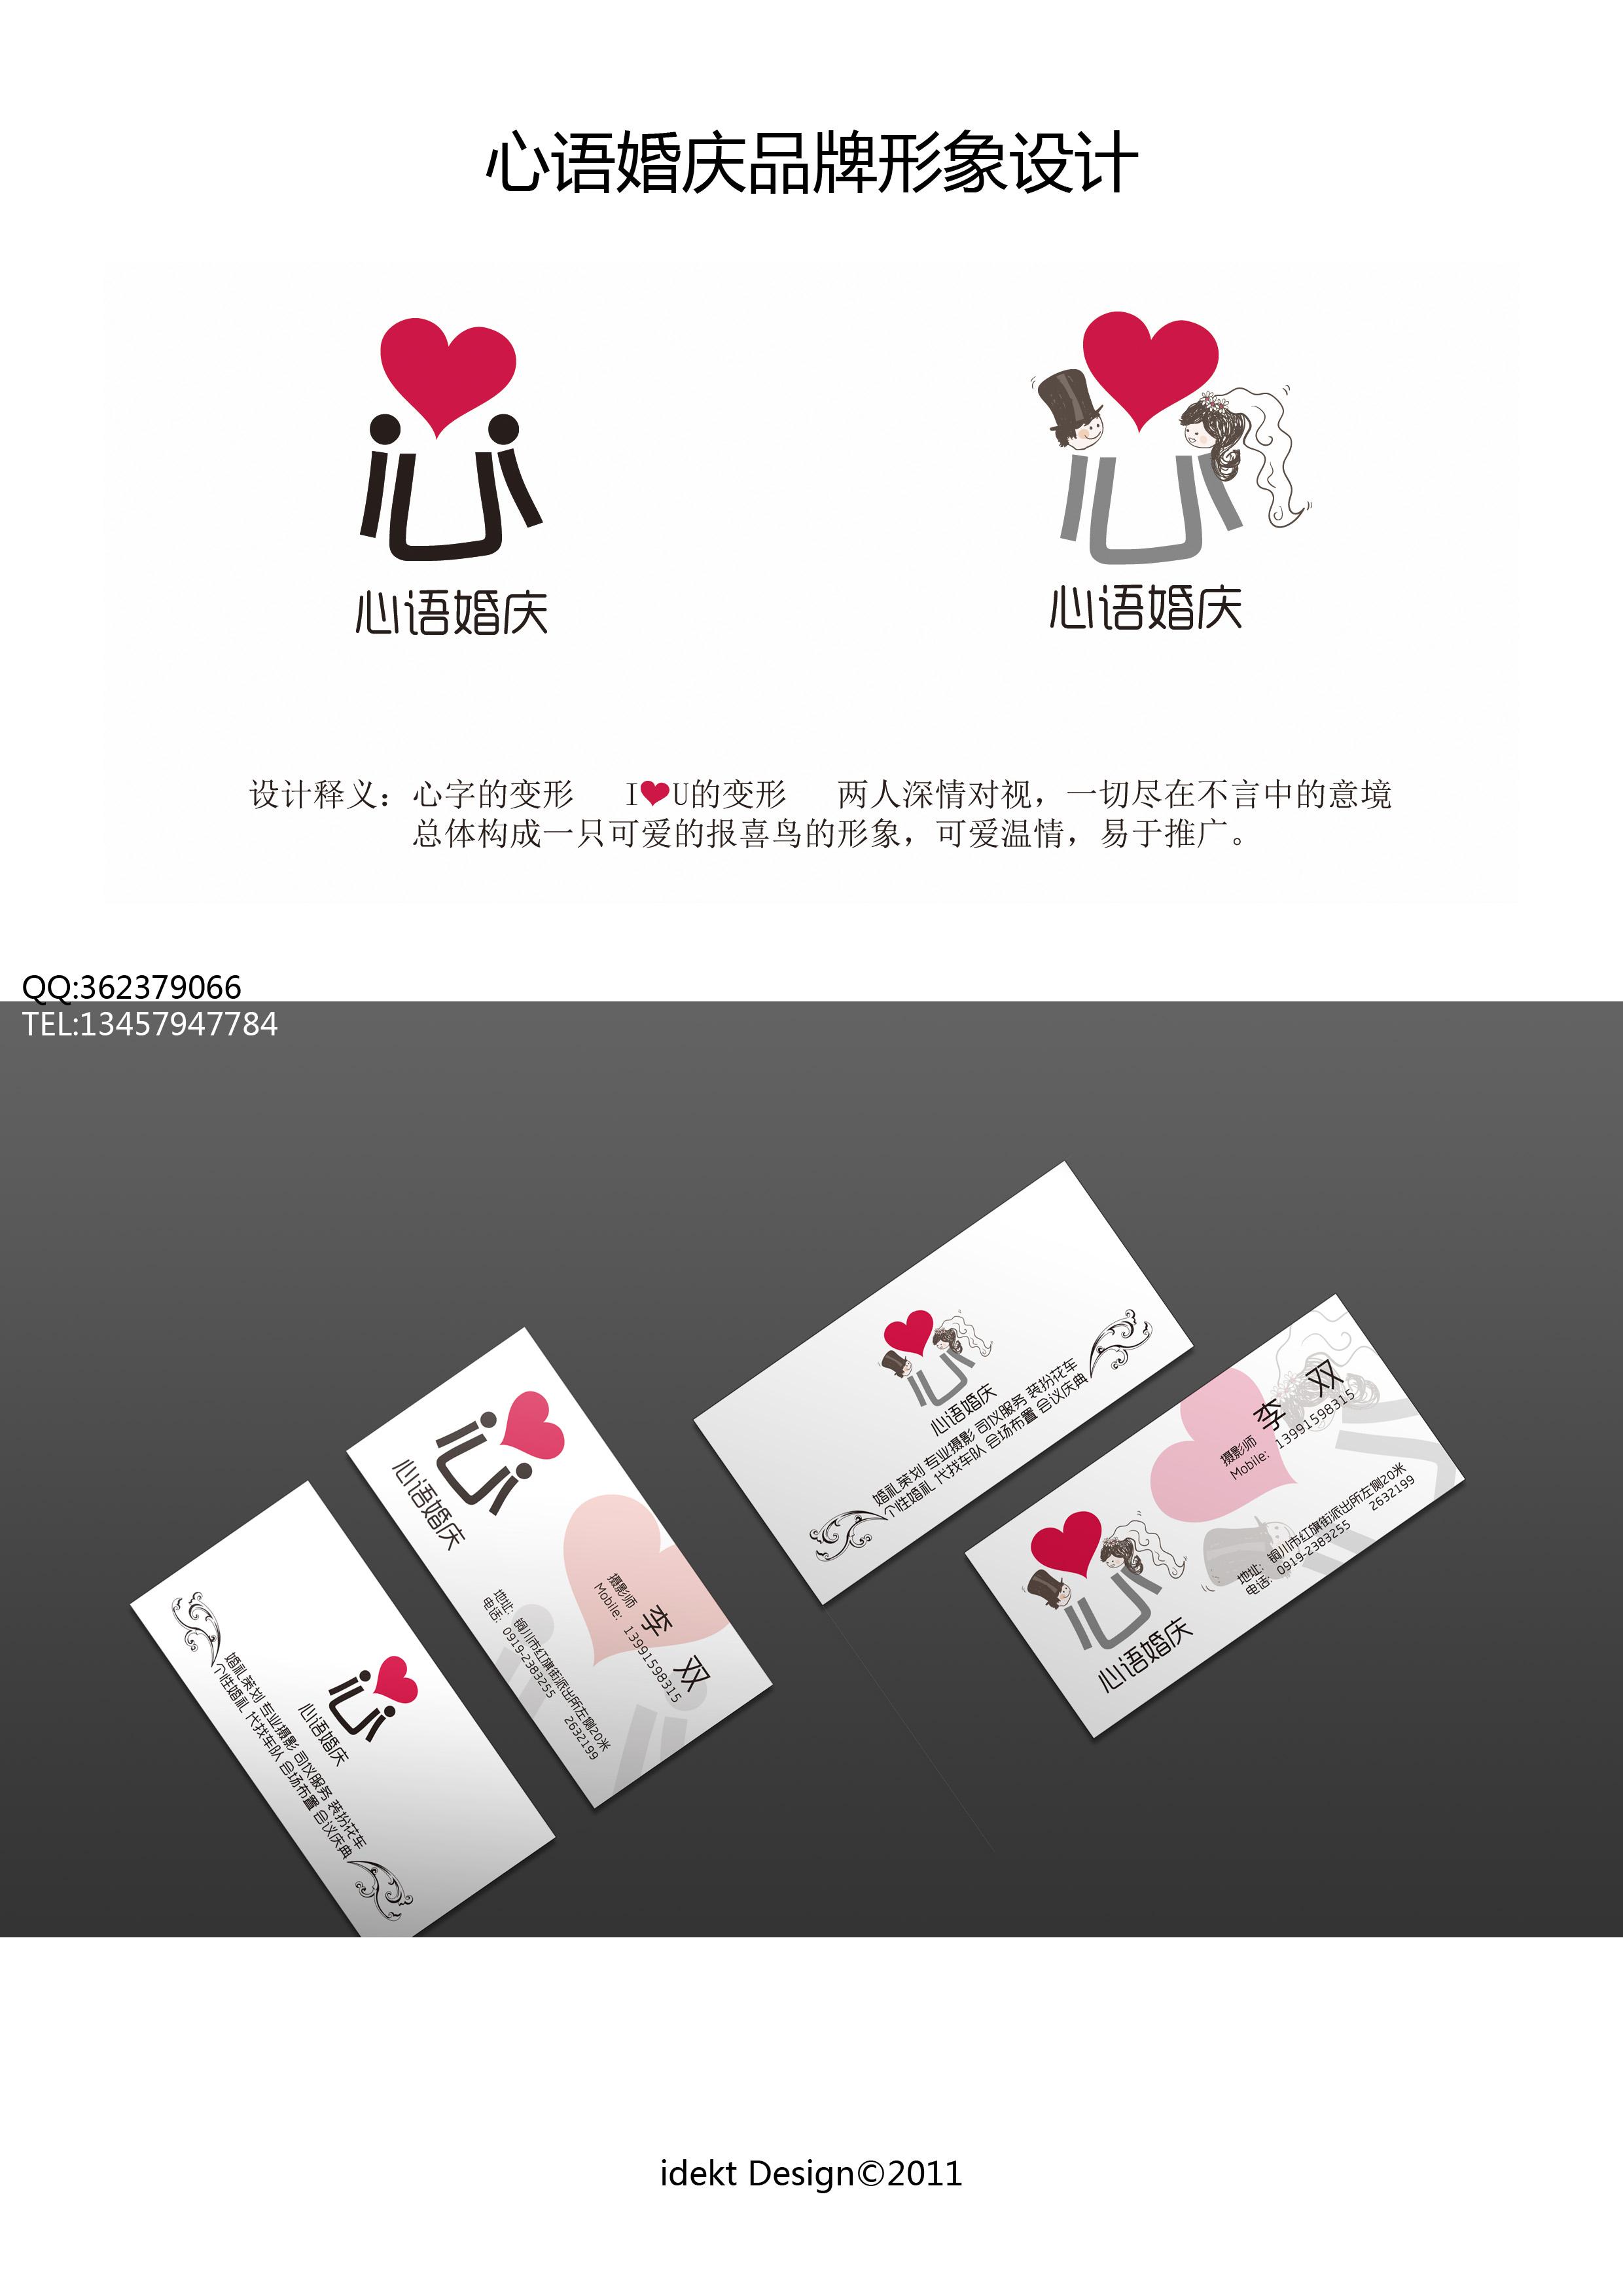 婚庆公司logo+名片设计图片